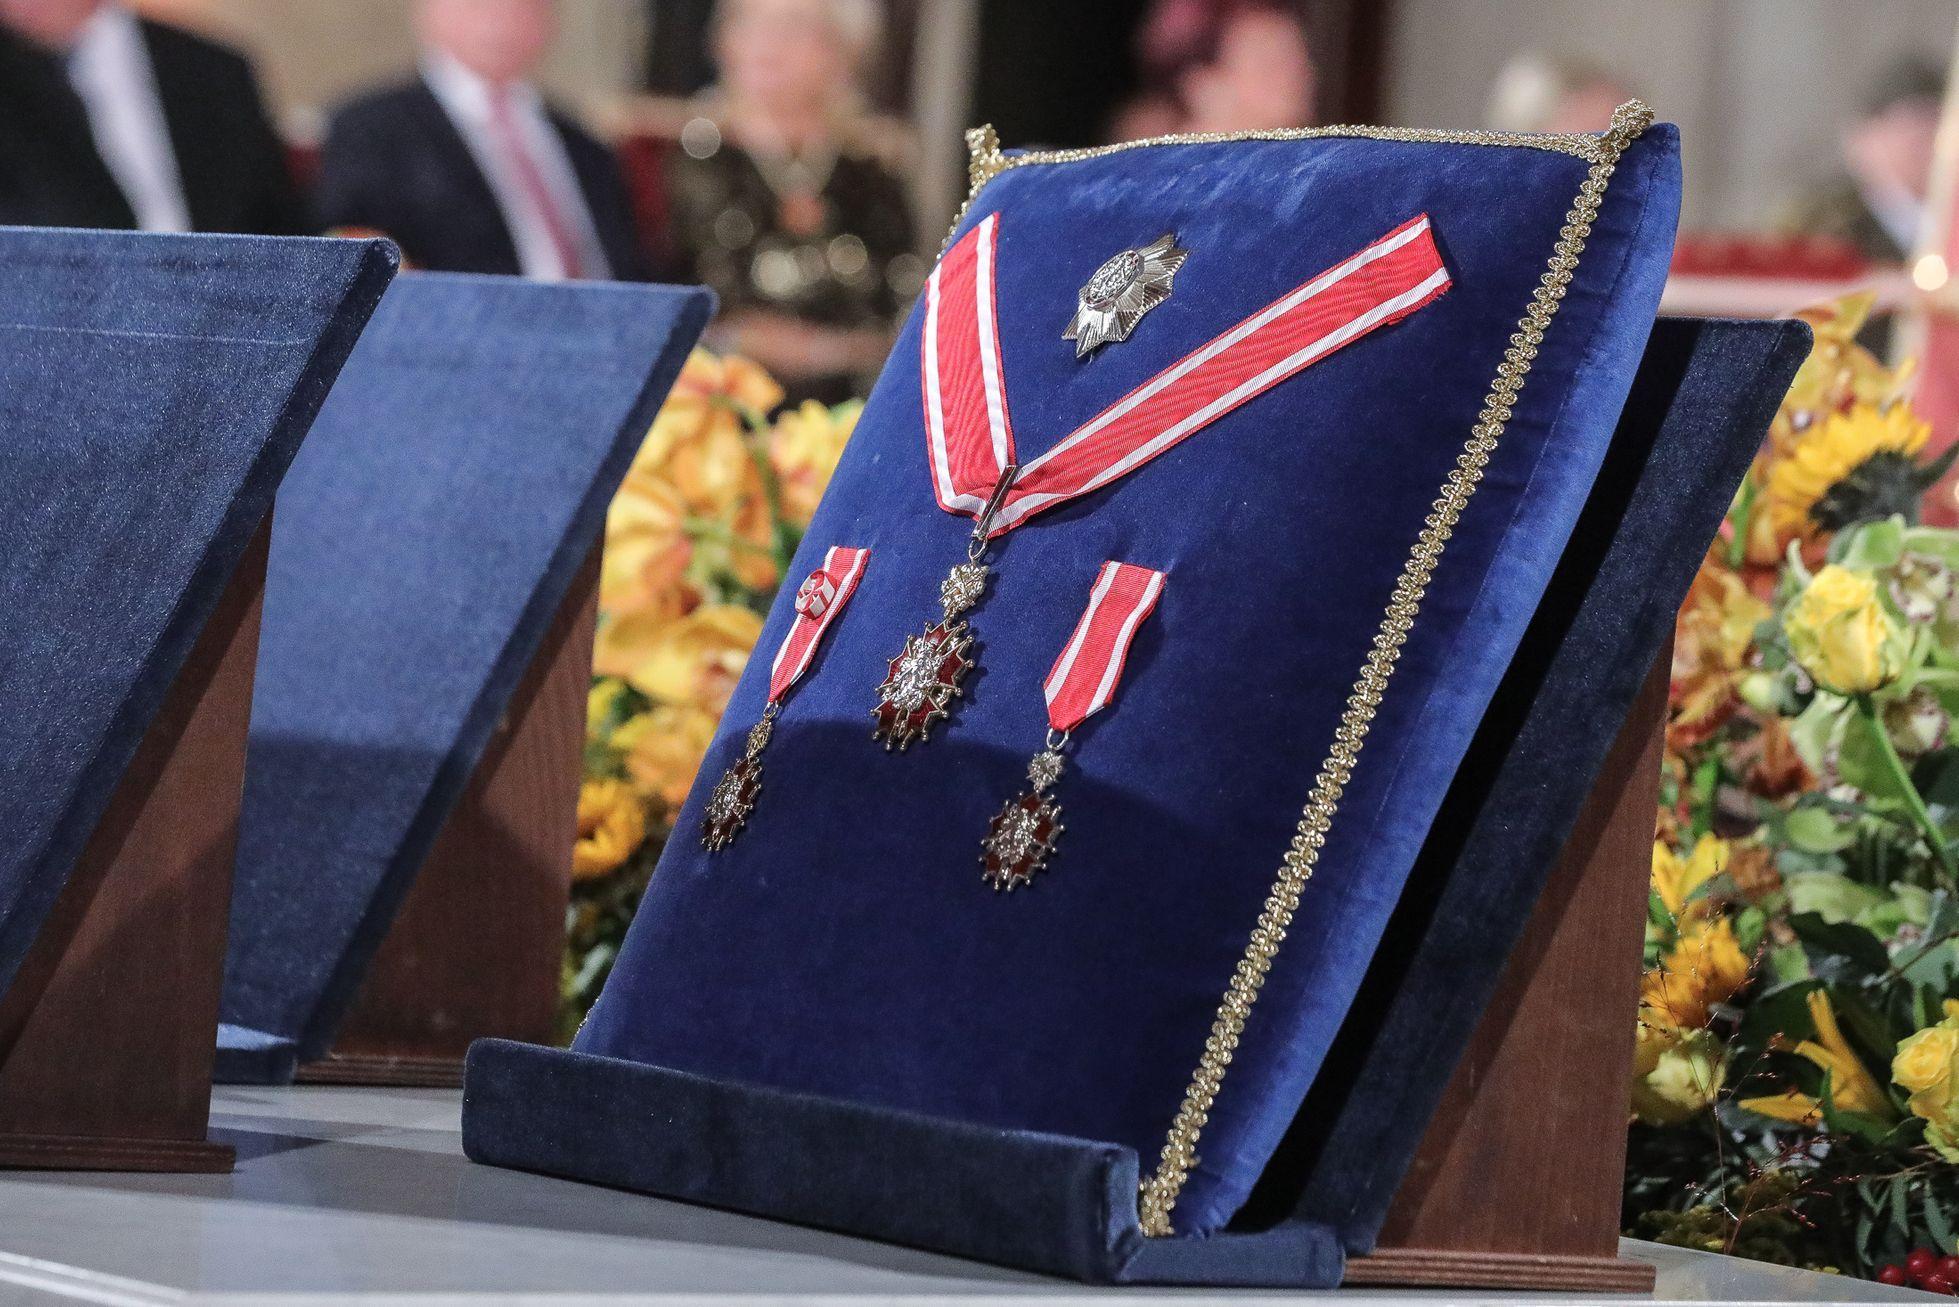 Tato vyznamenání se dnes budou rozdávat. Celkem 42 lidí si připne medaili.